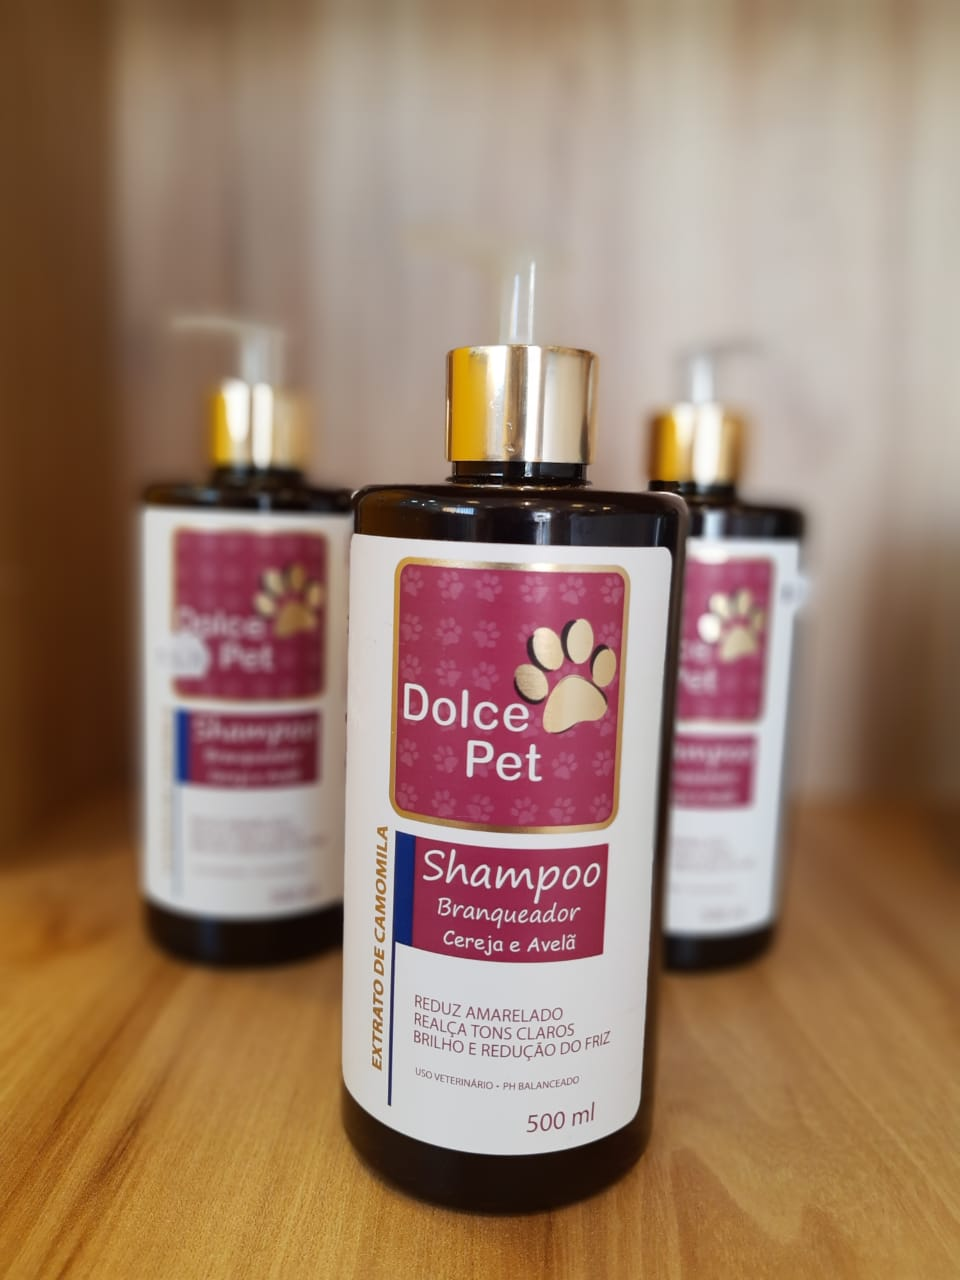 Dolce Pet Shampoo Branqueador Cereja e Avelã 500ml